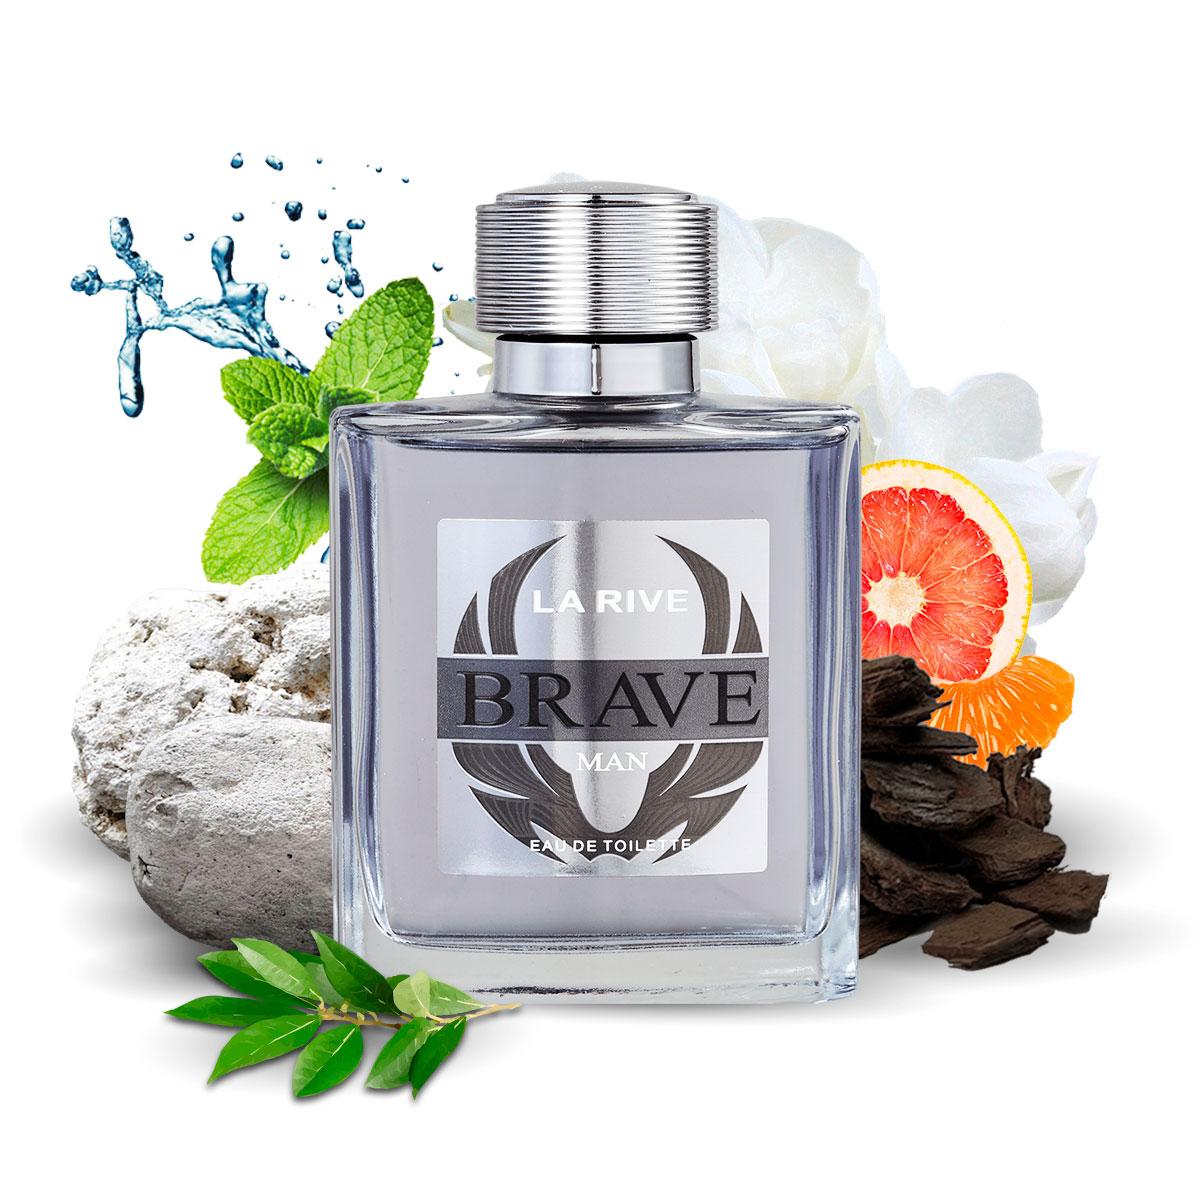 Kit 2 Perfumes Importados Brave e Taste of Kiss La Rive